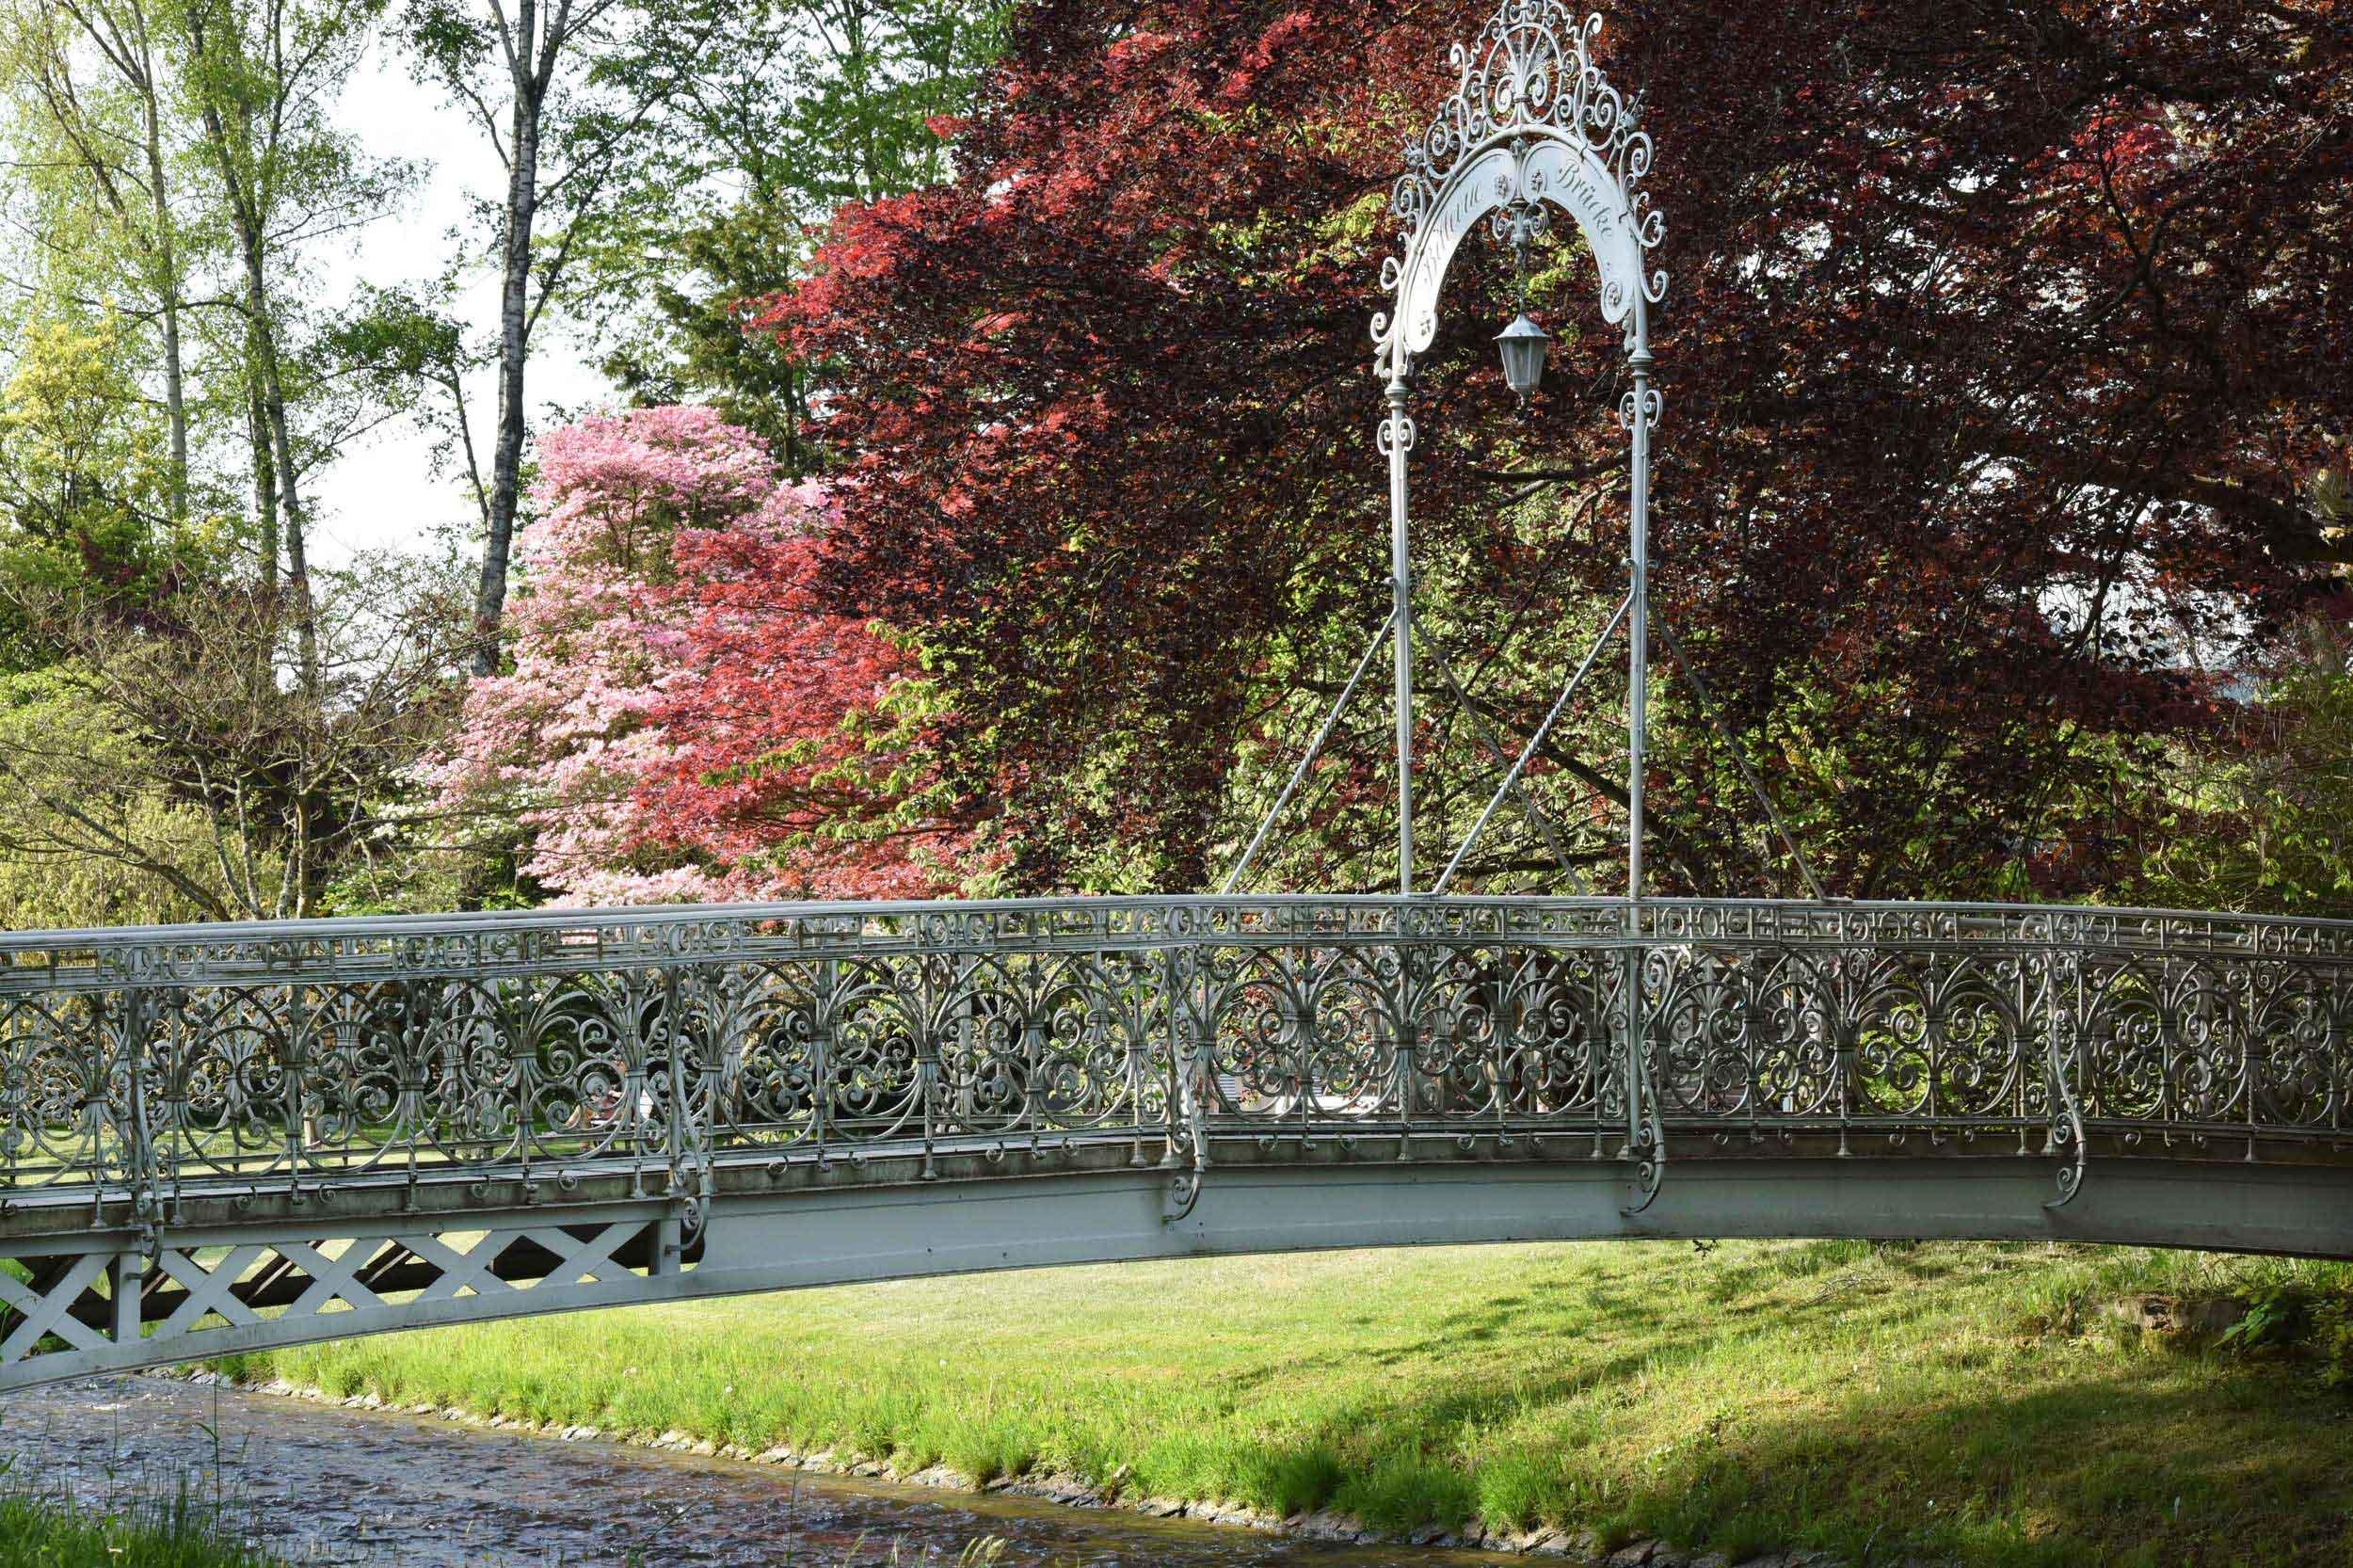 Oos river, Bellevue Brücke, Lichtentaler Allee,Baden Baden, Germany. Image©thingstodot.com